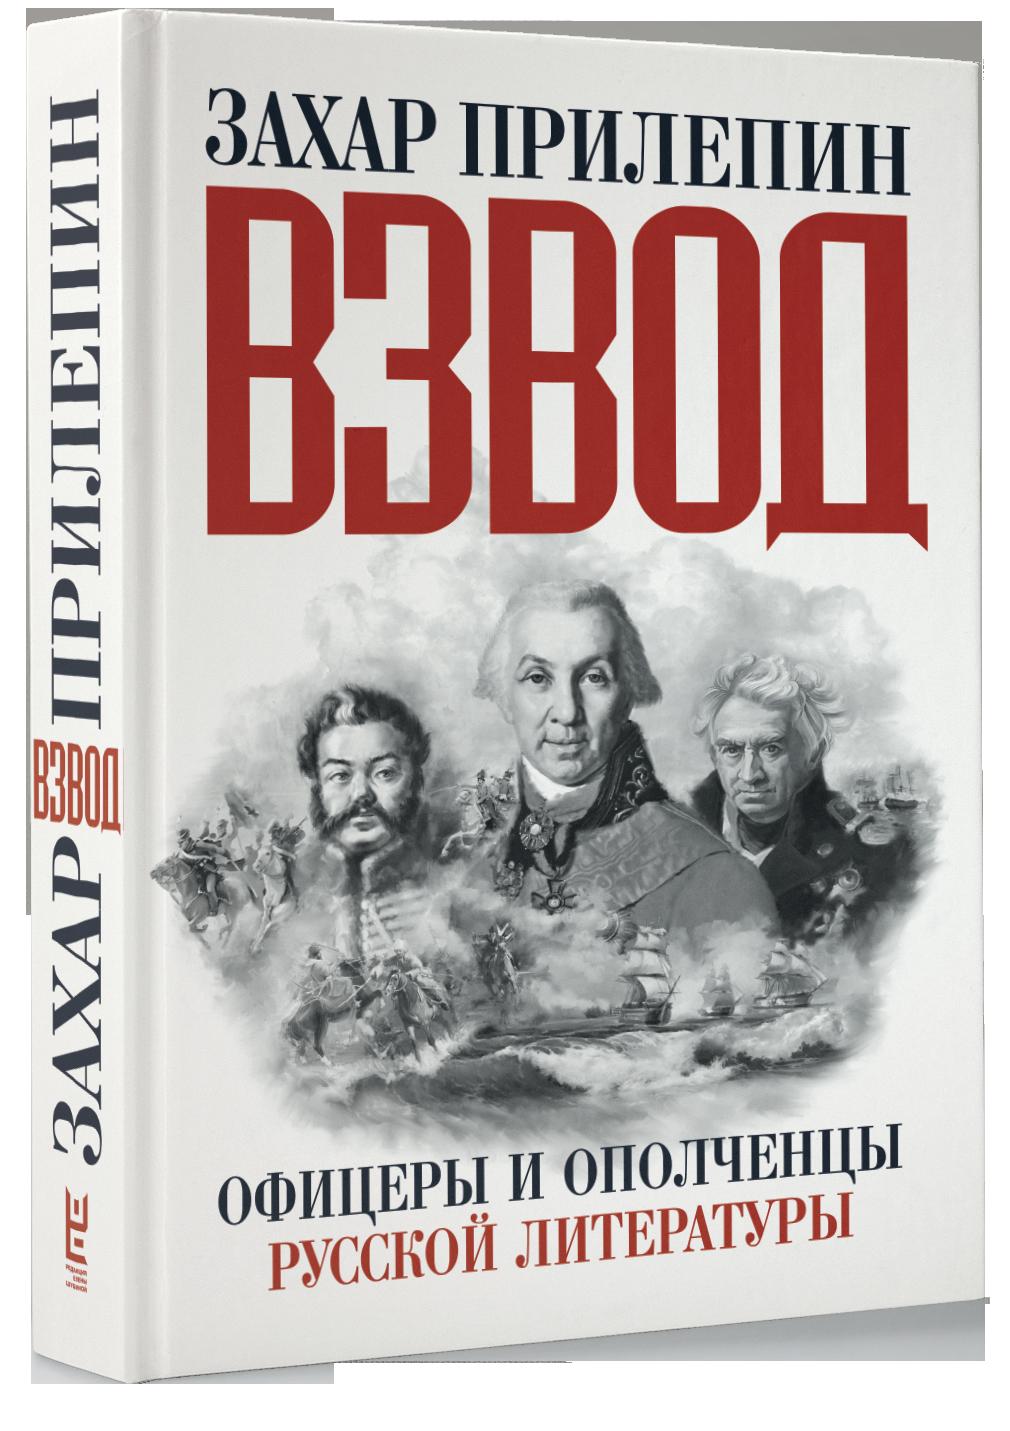 Захар Прилепин Взвод. Офицеры и ополченцы русской литературы